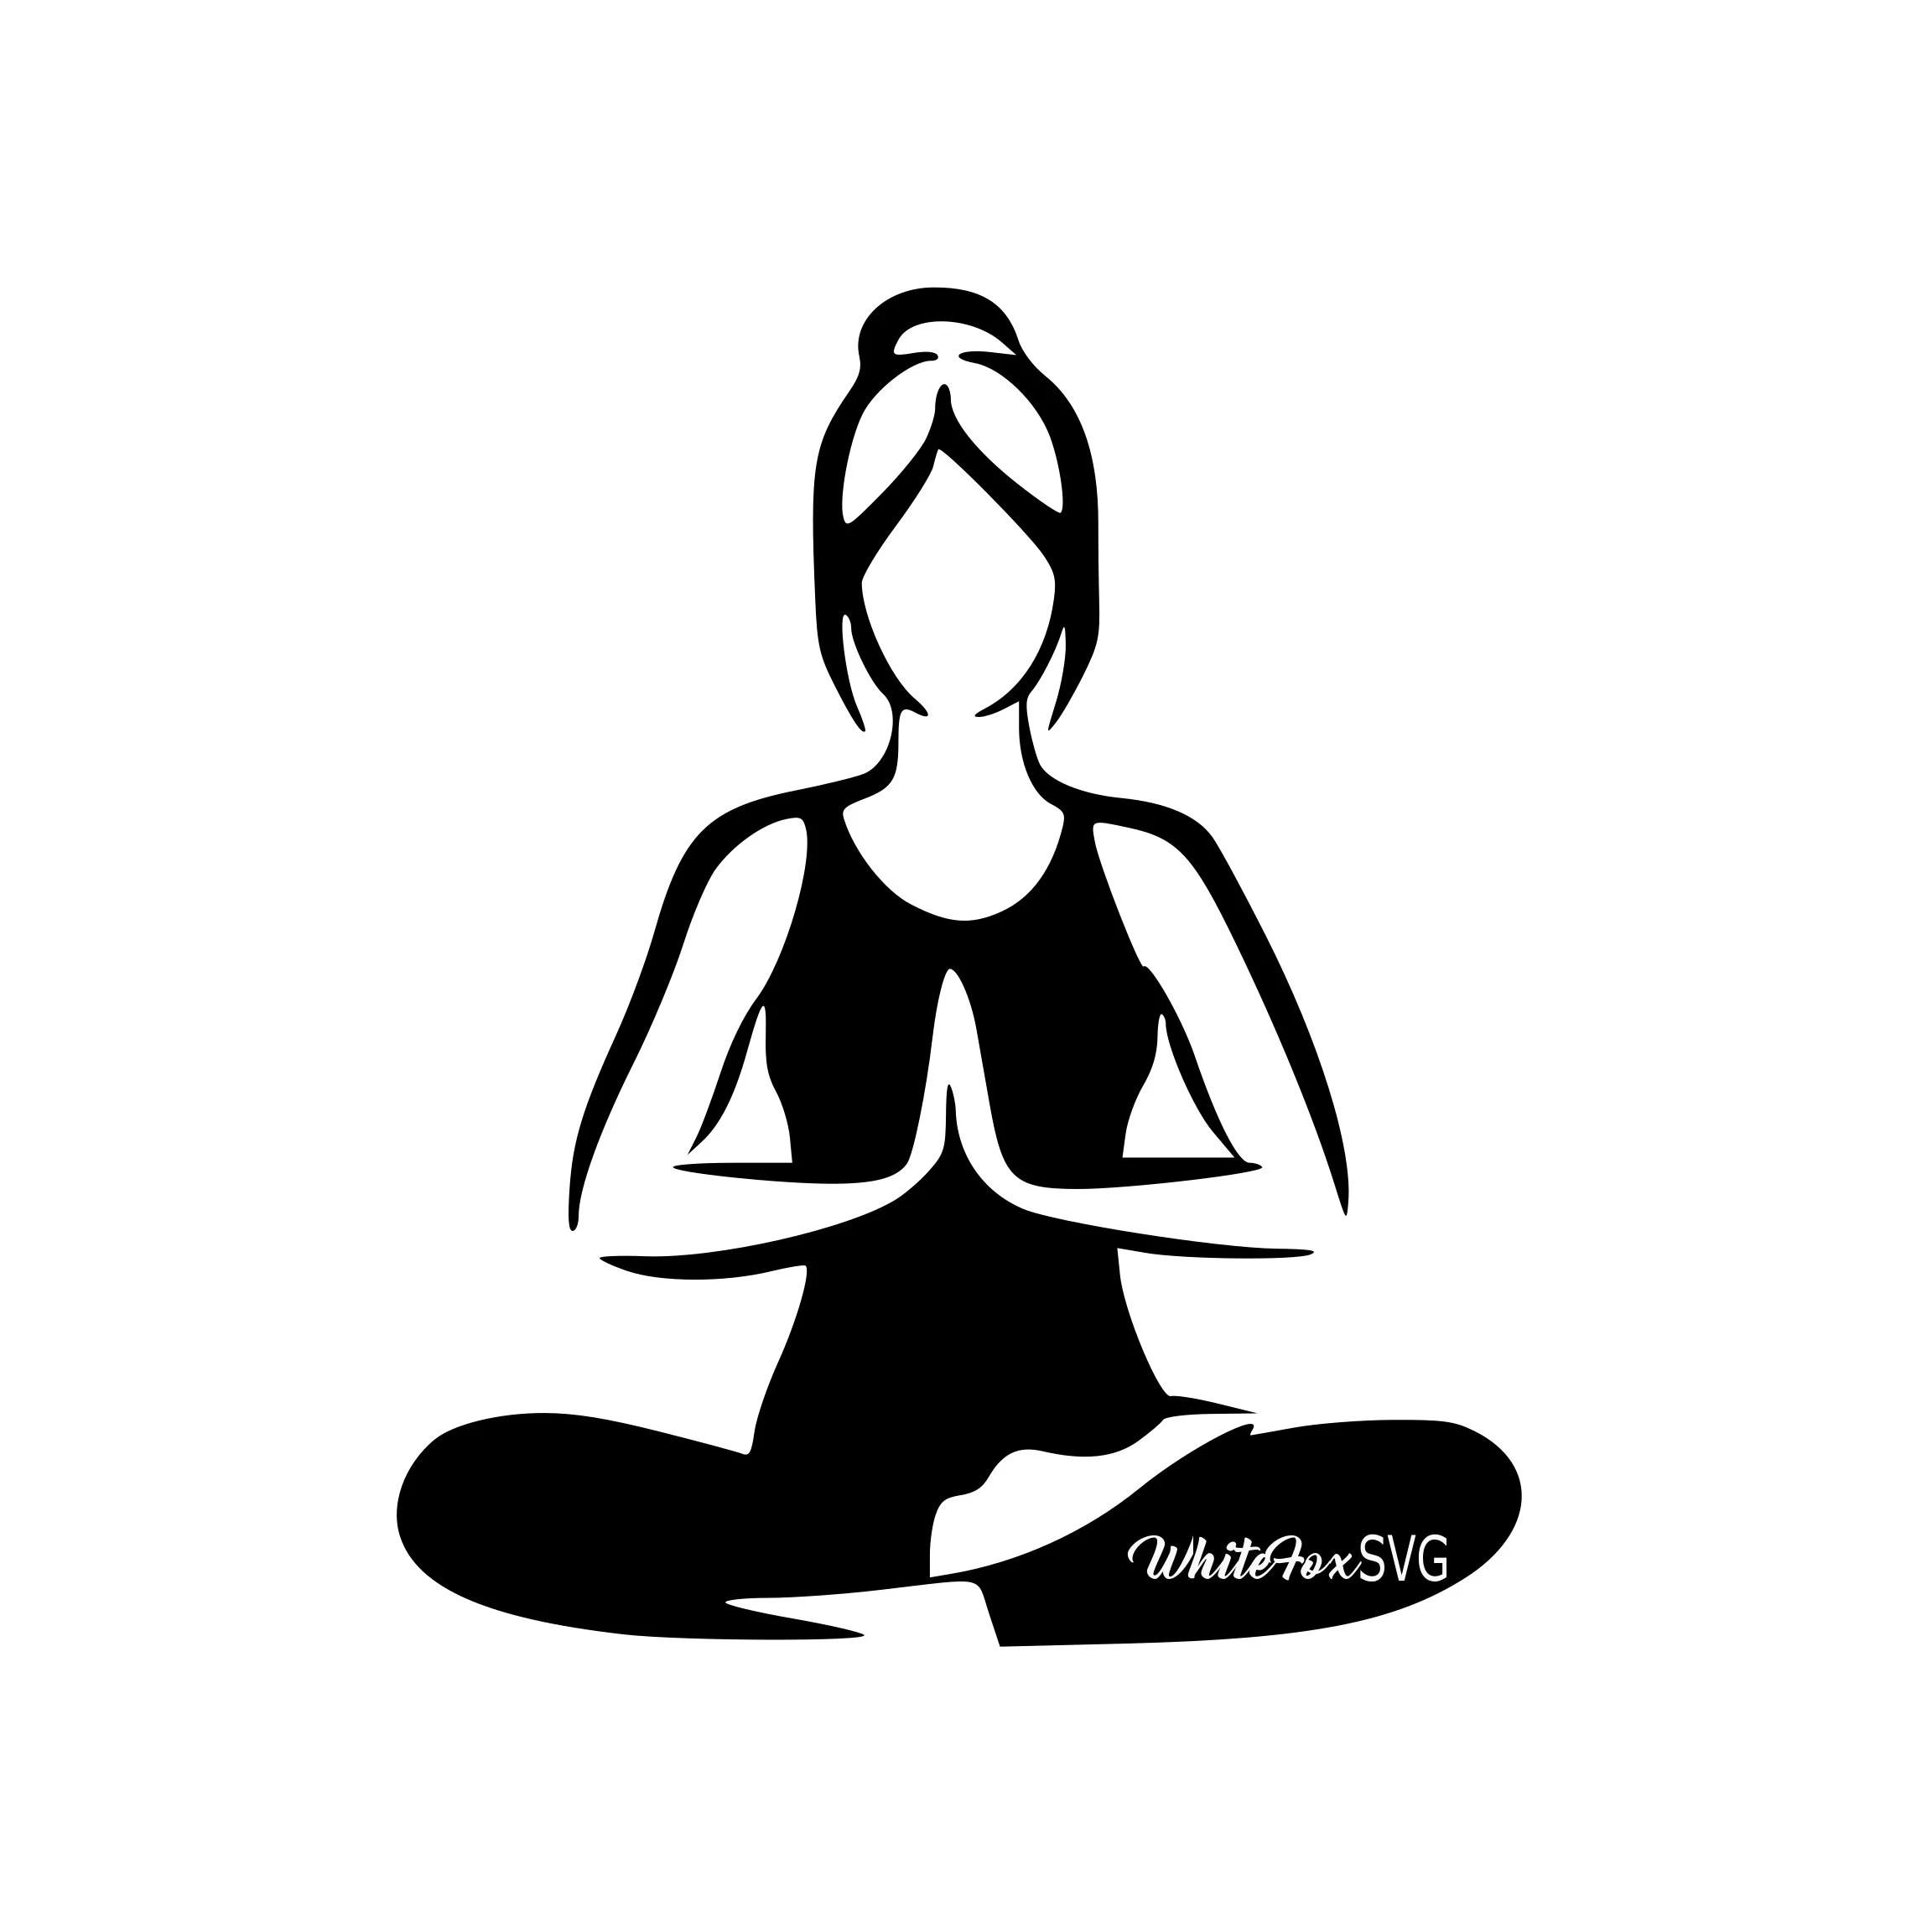 Yoga Svg Woman Girl Yoga Activity Health Gym Workout